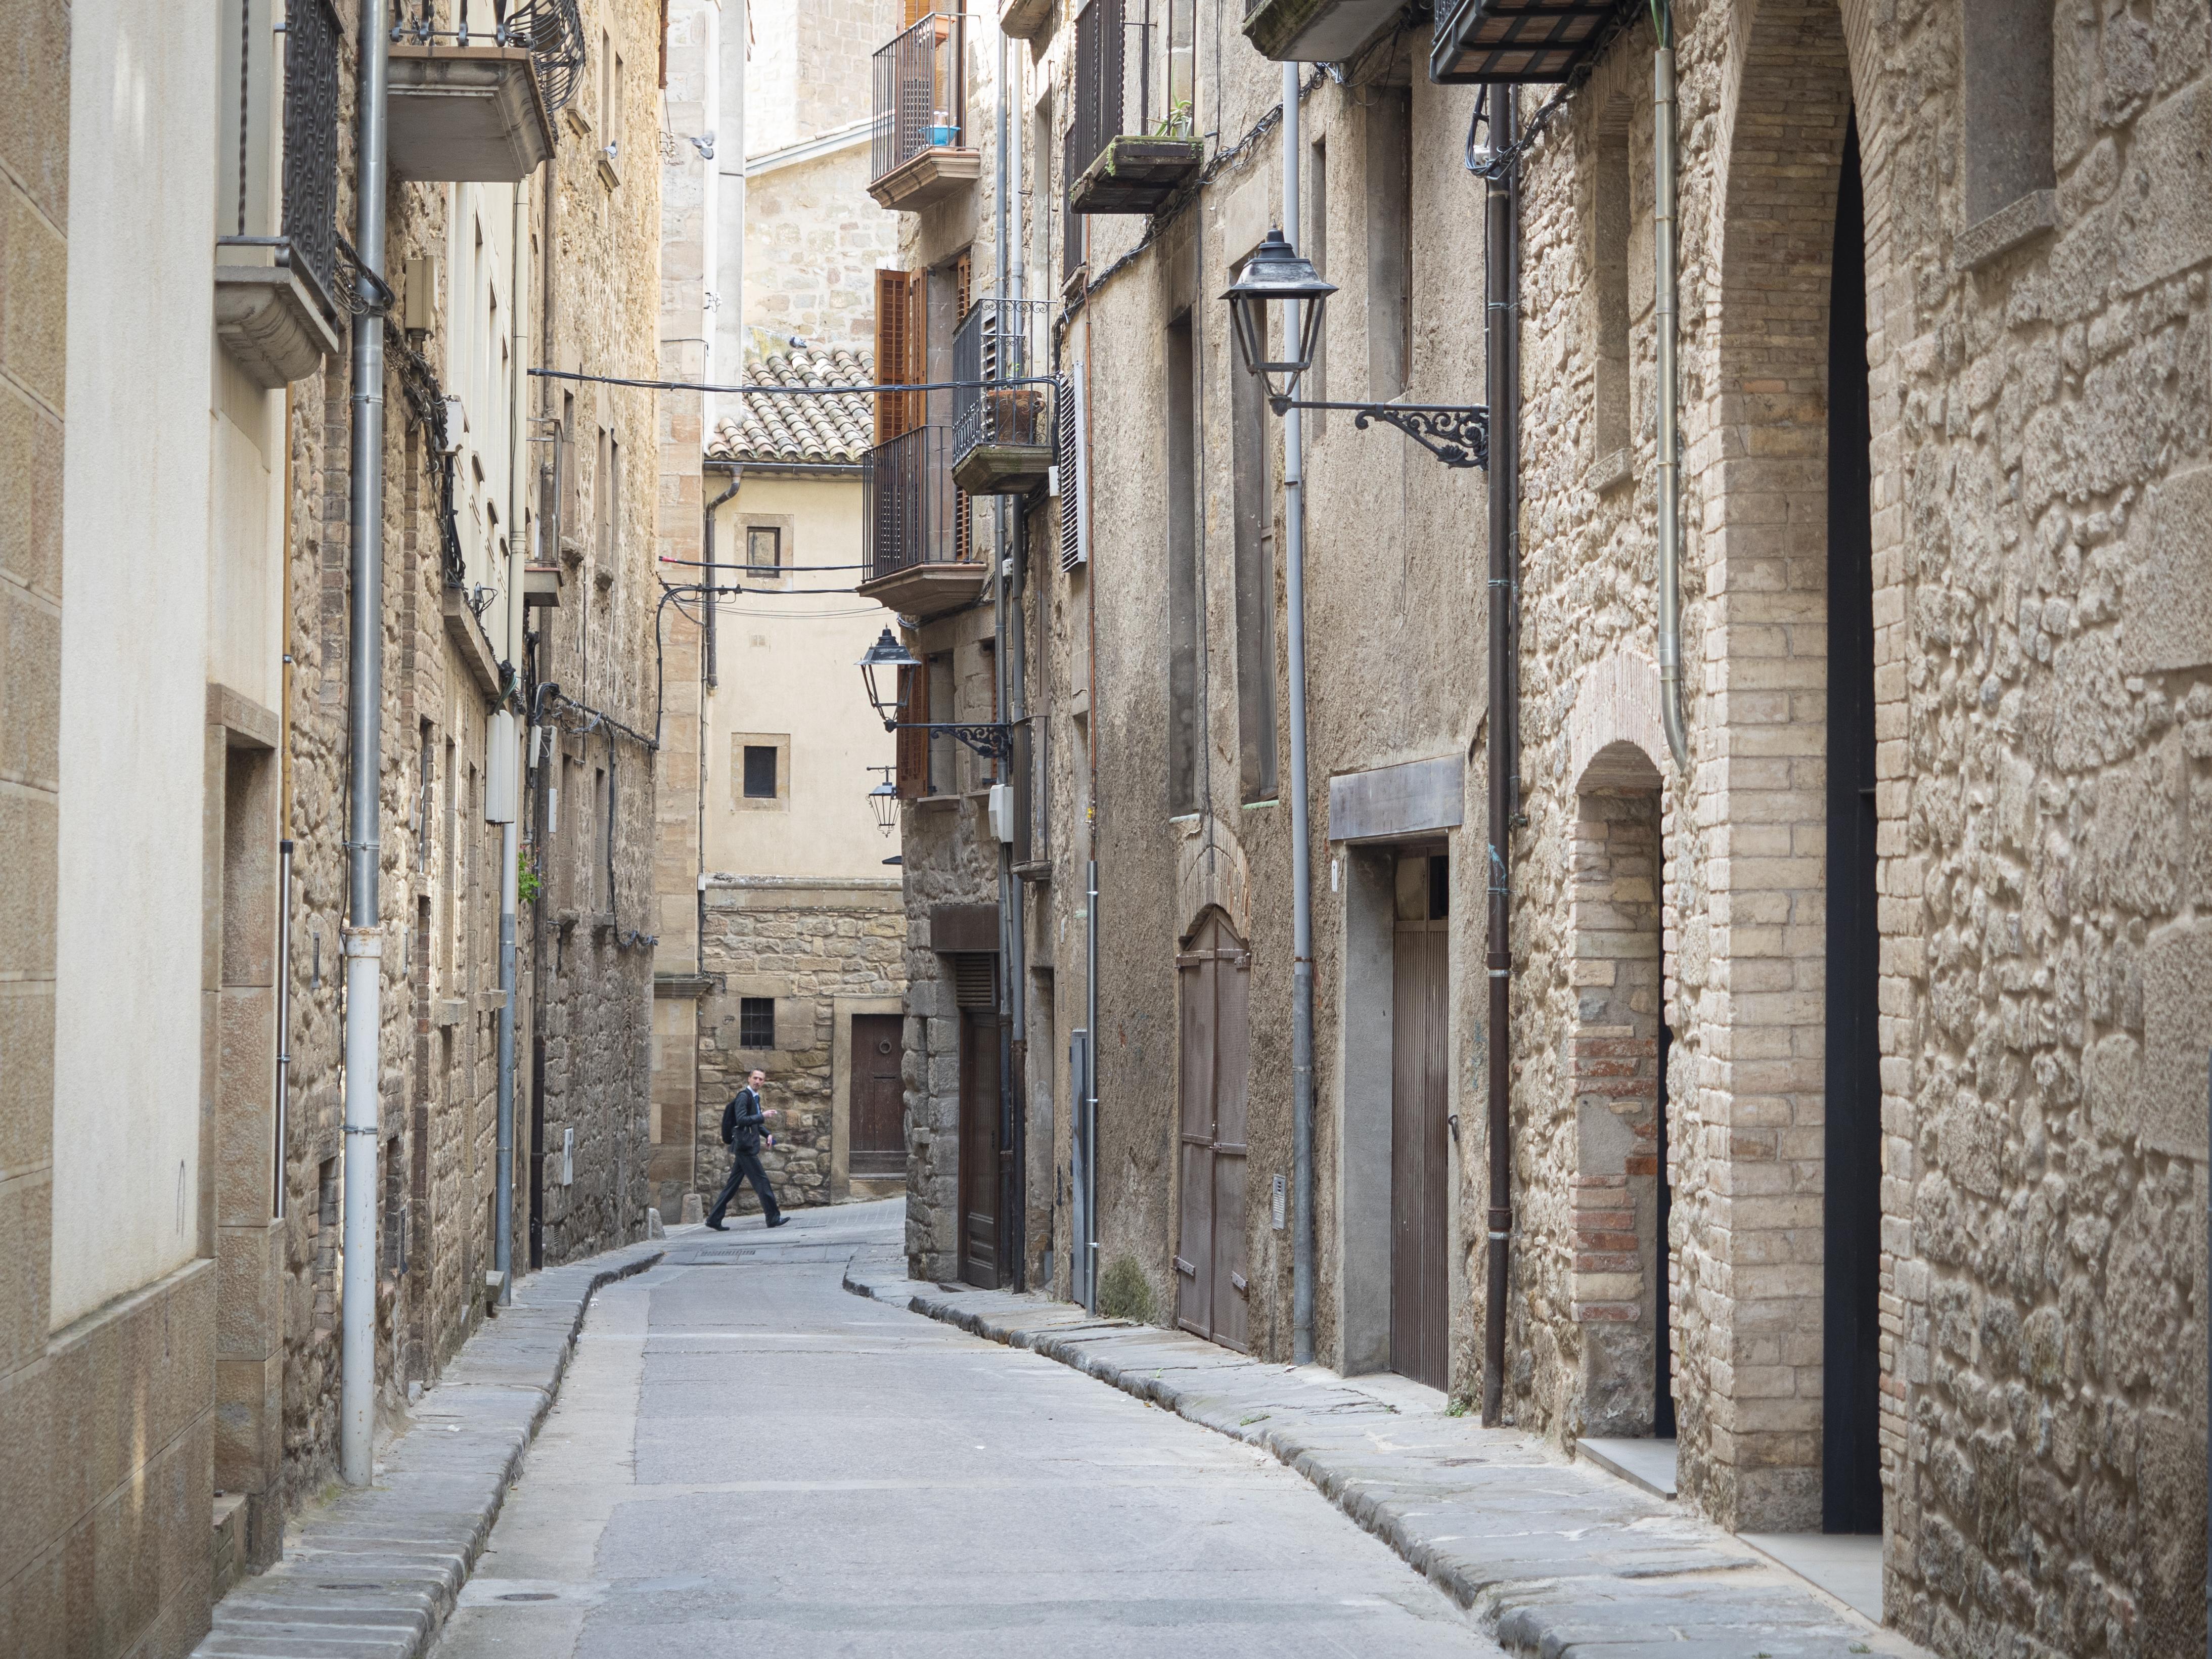 Els carrers del casc antic de Solsona són plens d'història de la ciutat. FOTO: Anna E. Puig